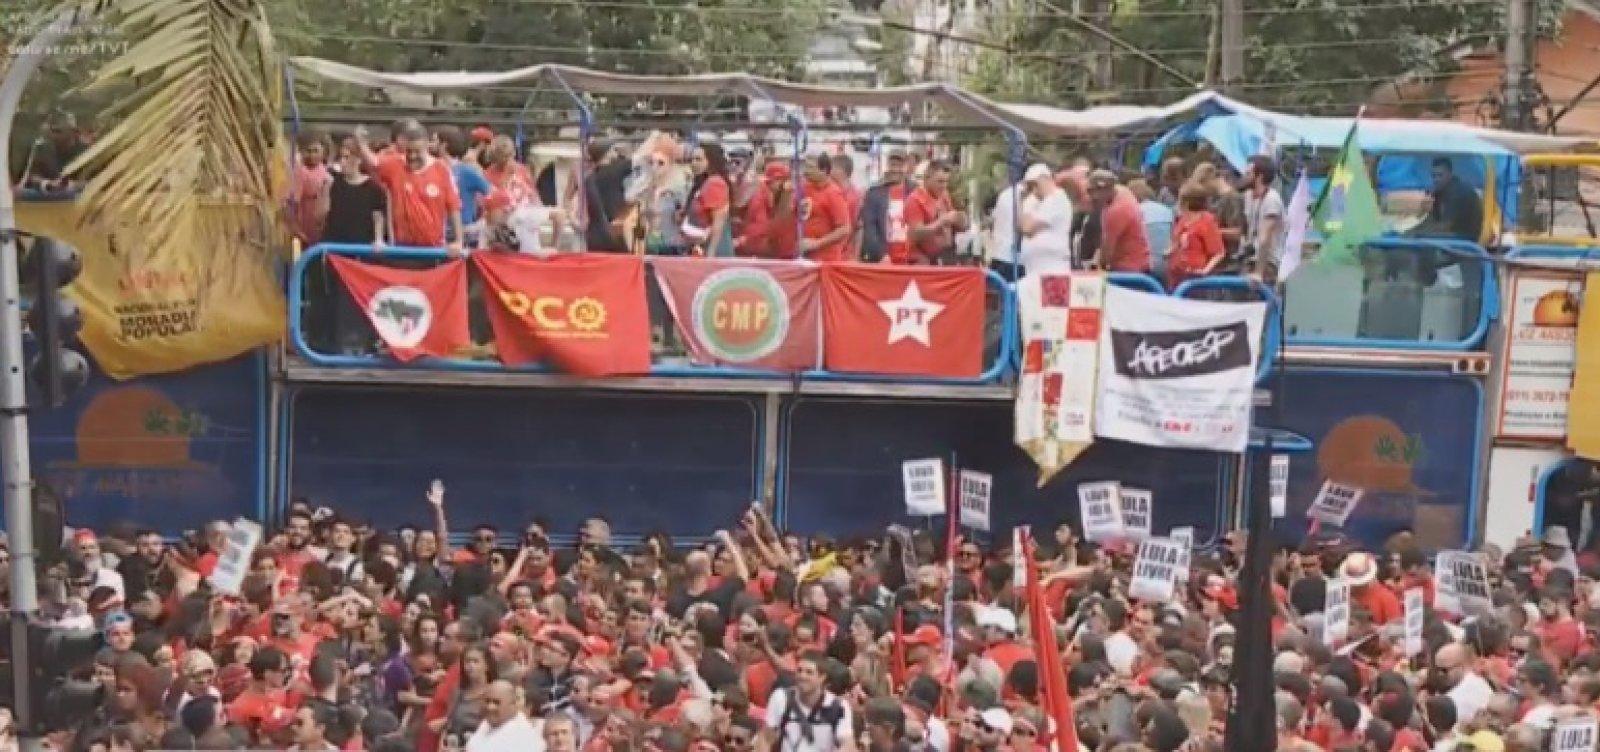 Ao vivo: Lula chega ao Sindicato dos Metalúrgicos nesta tarde